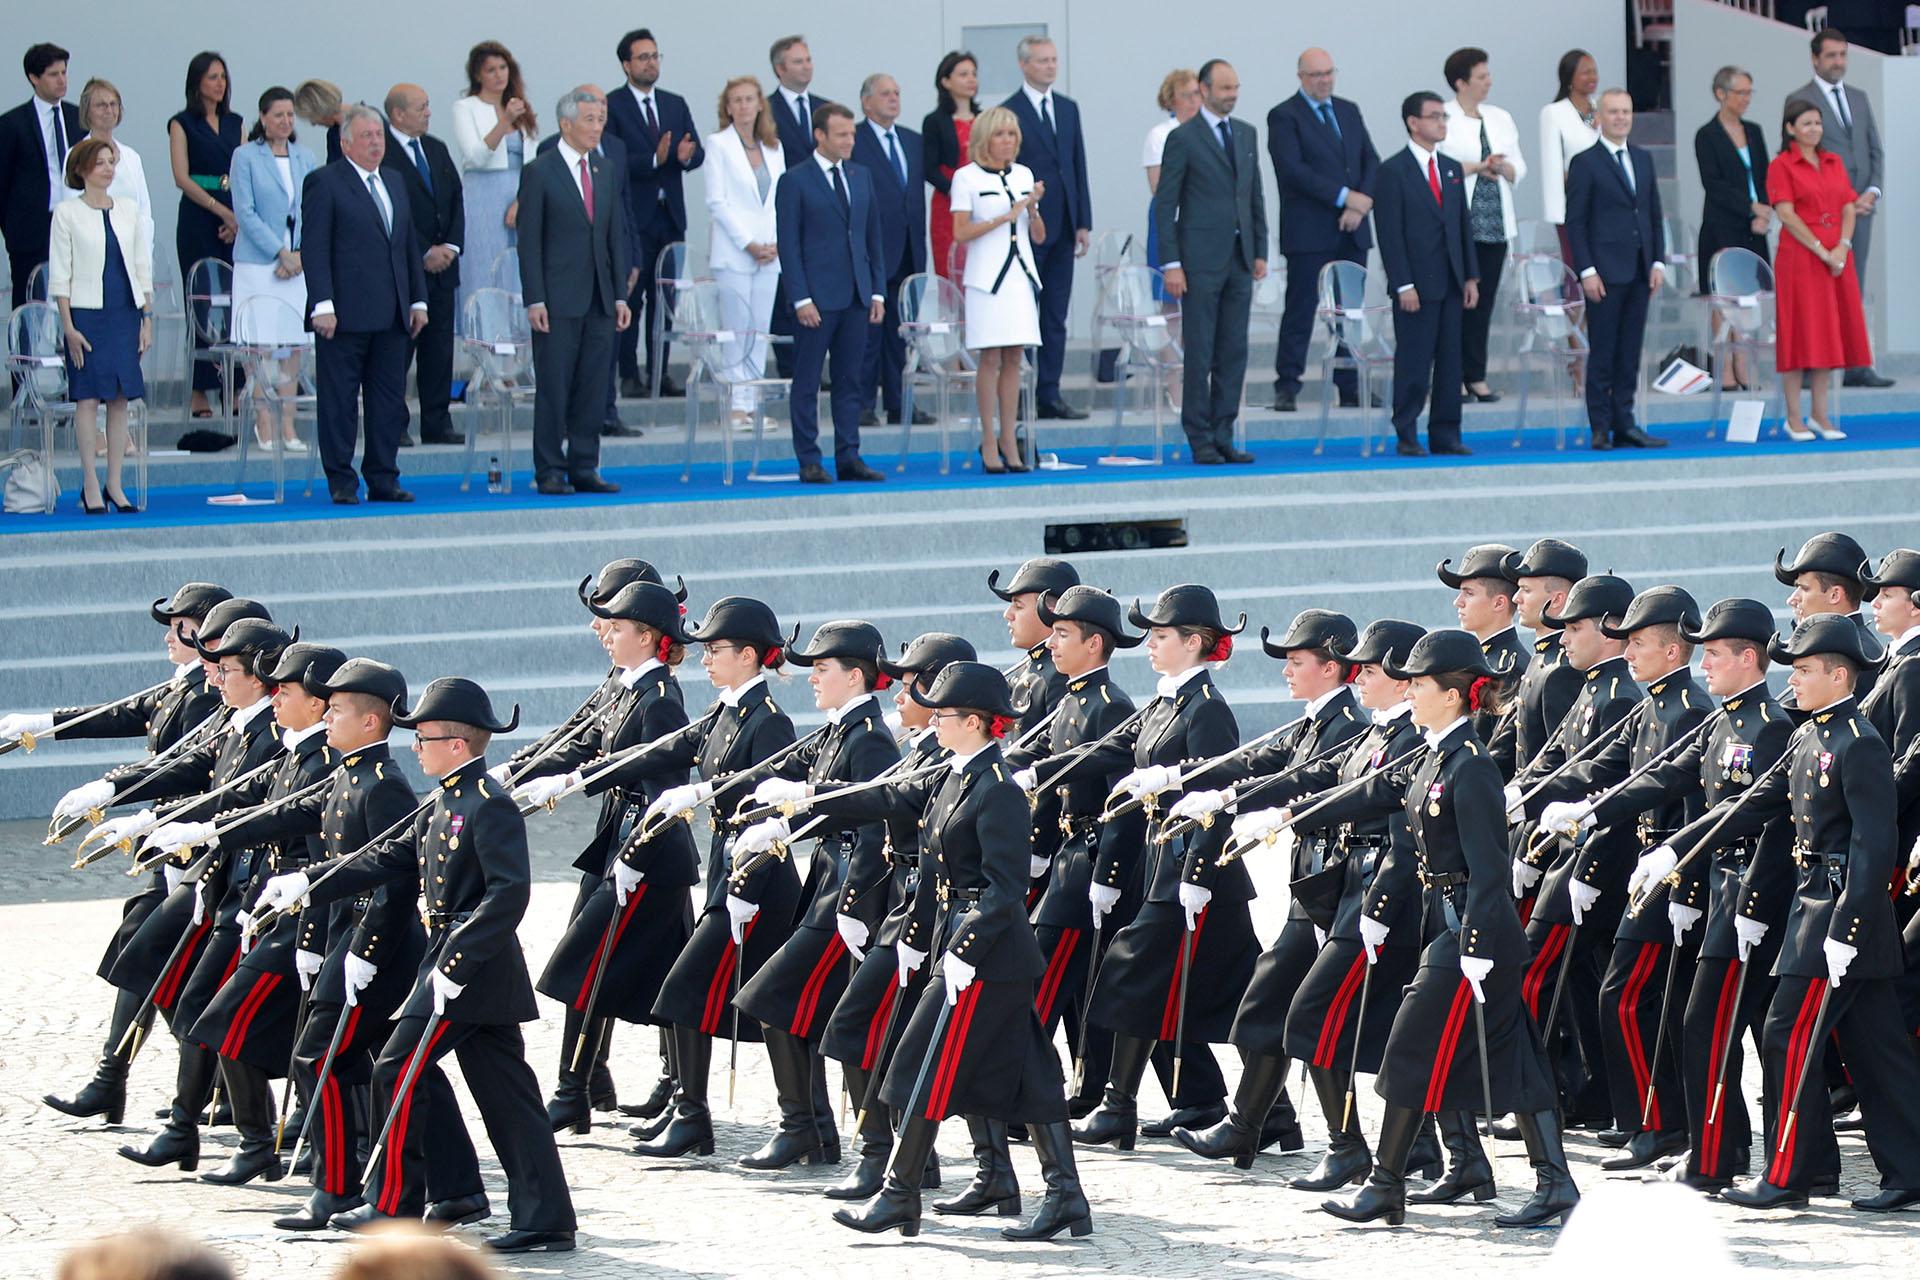 Siete soldados de las fuerzas de autodefensa japonesas y del ejército singaporense lideraron la marcha, pues sus países fueron invitados de honor en este 14 de julio como gesto de la voluntad de Francia de reforzar sus relaciones militares en Asia y el Pacífico